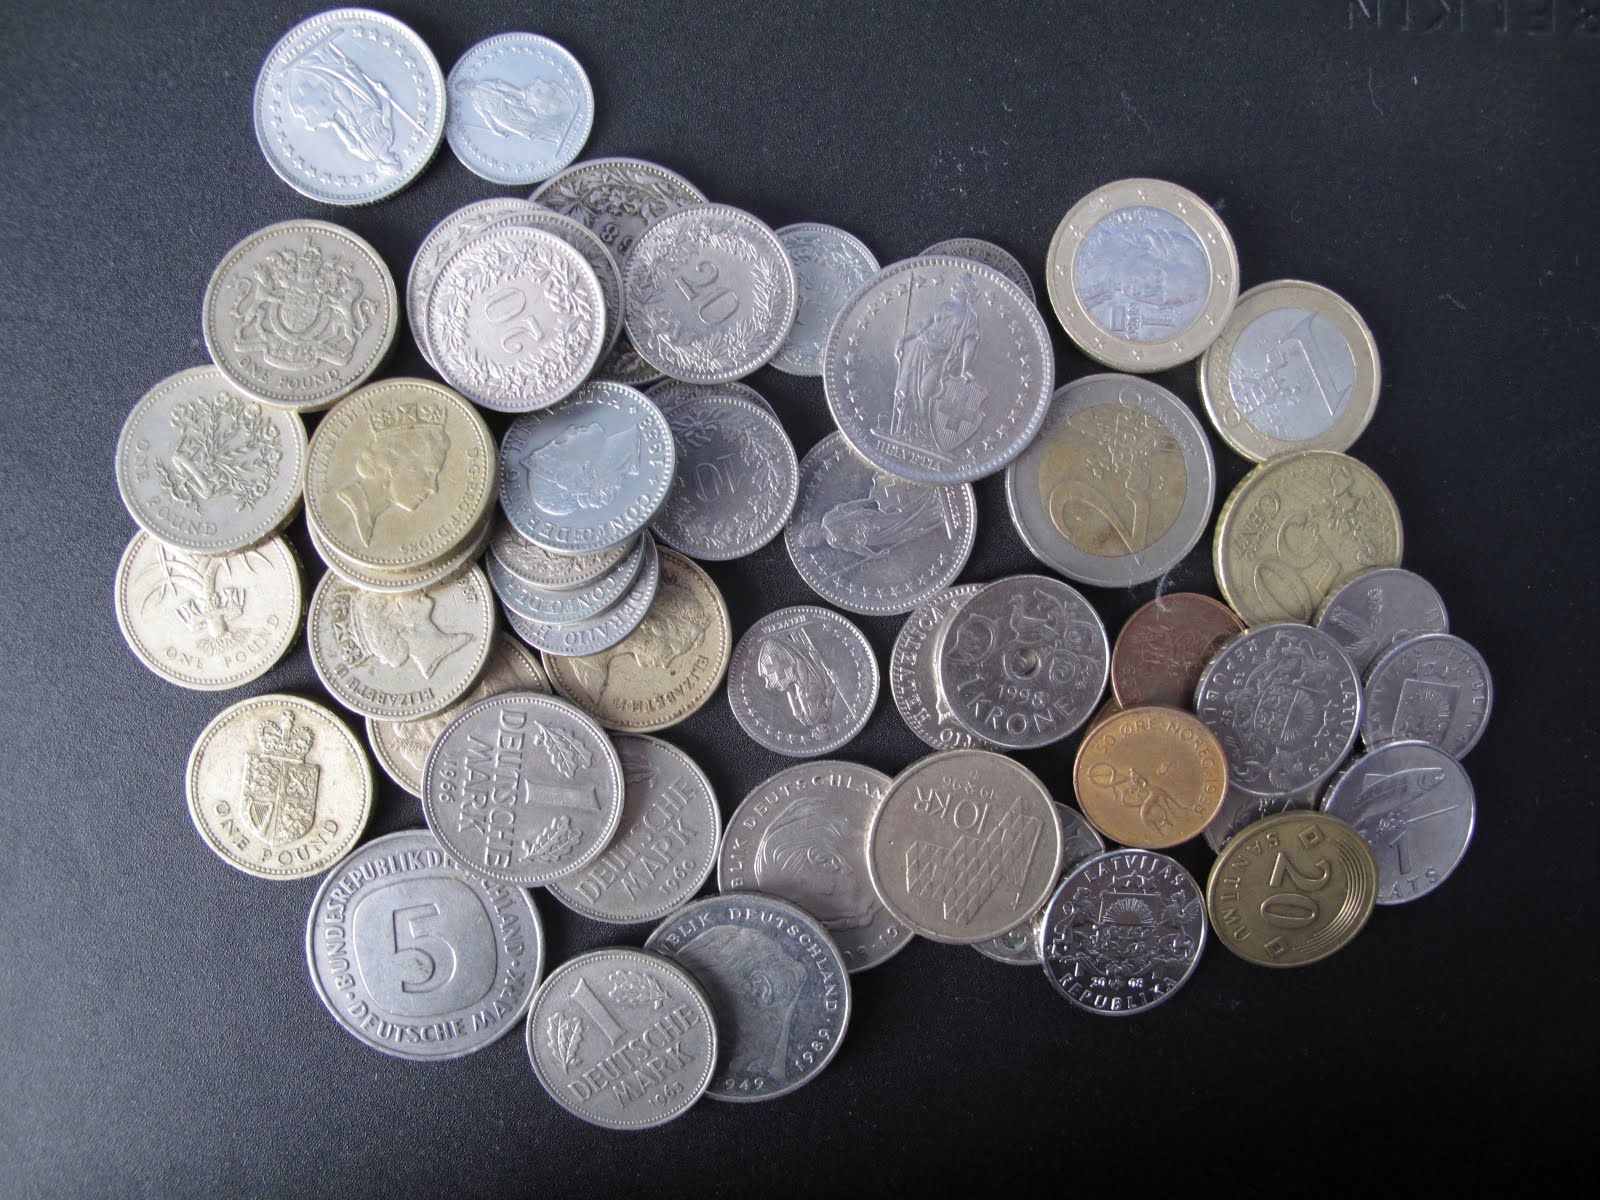 vart kan man växla in mynt